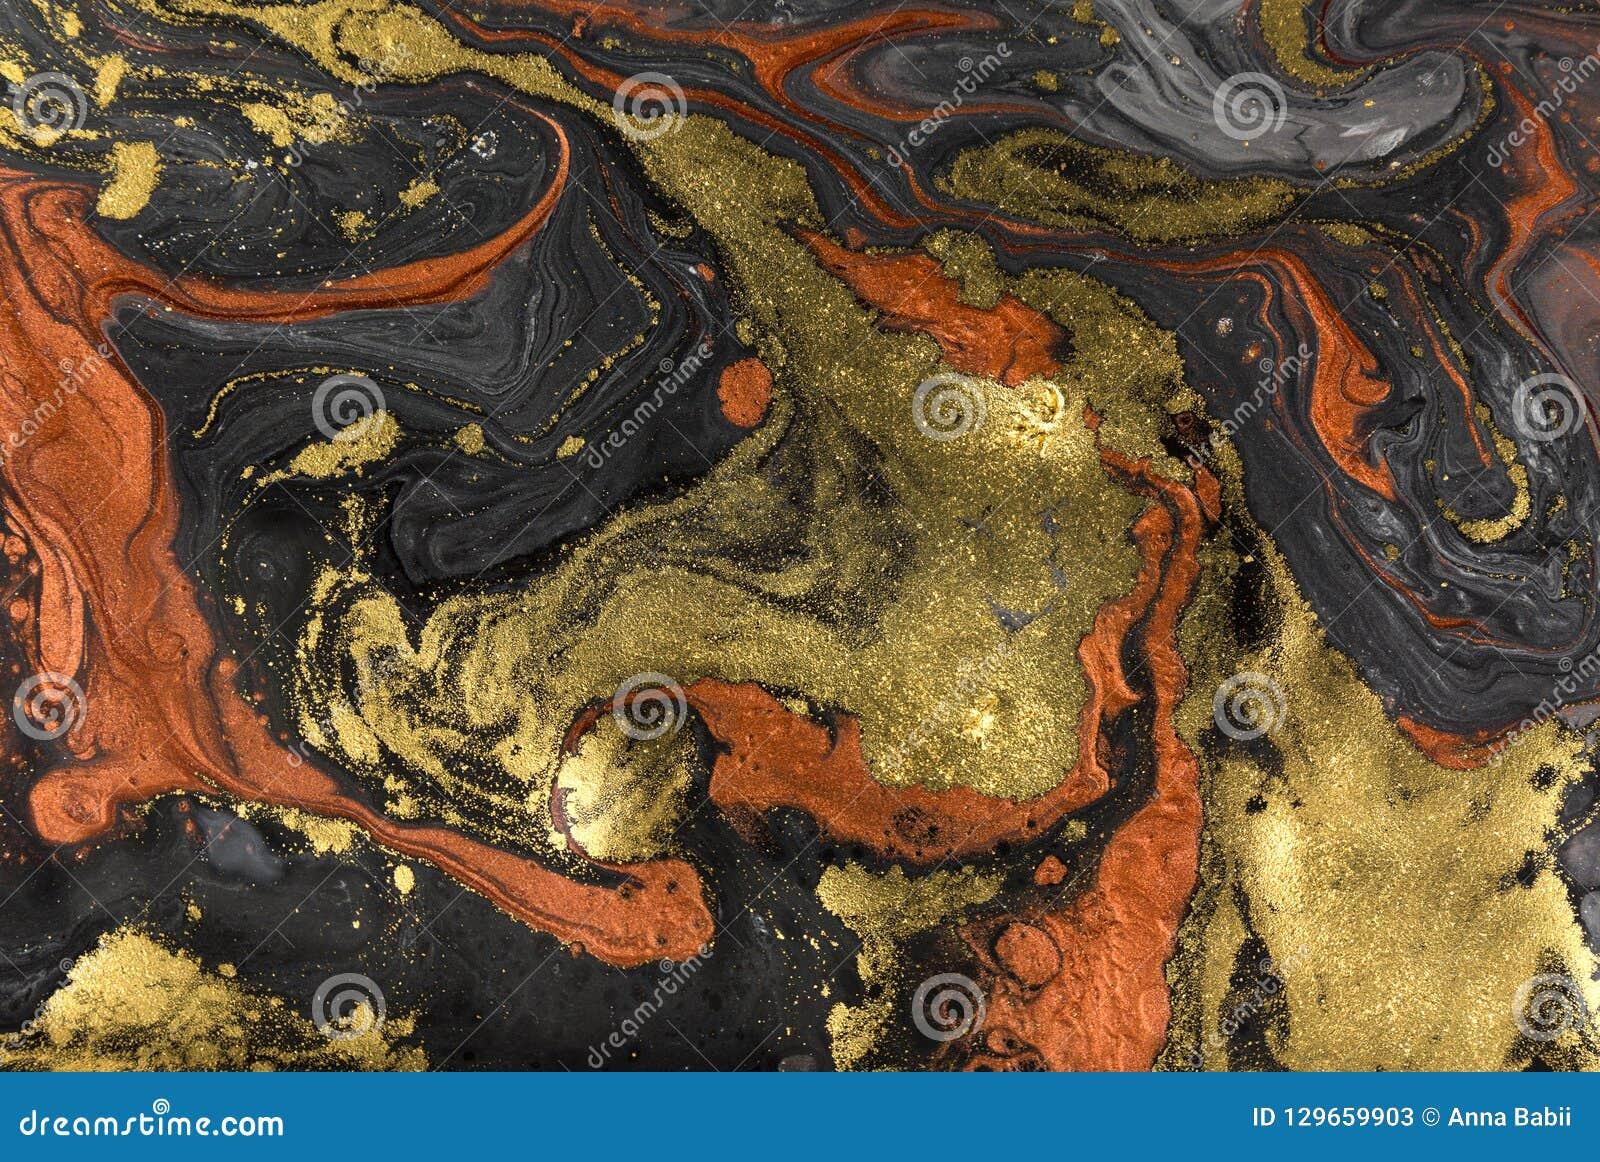 Fondo de acrílico abstracto de mármol Textura de las ilustraciones de la naturaleza que vetea